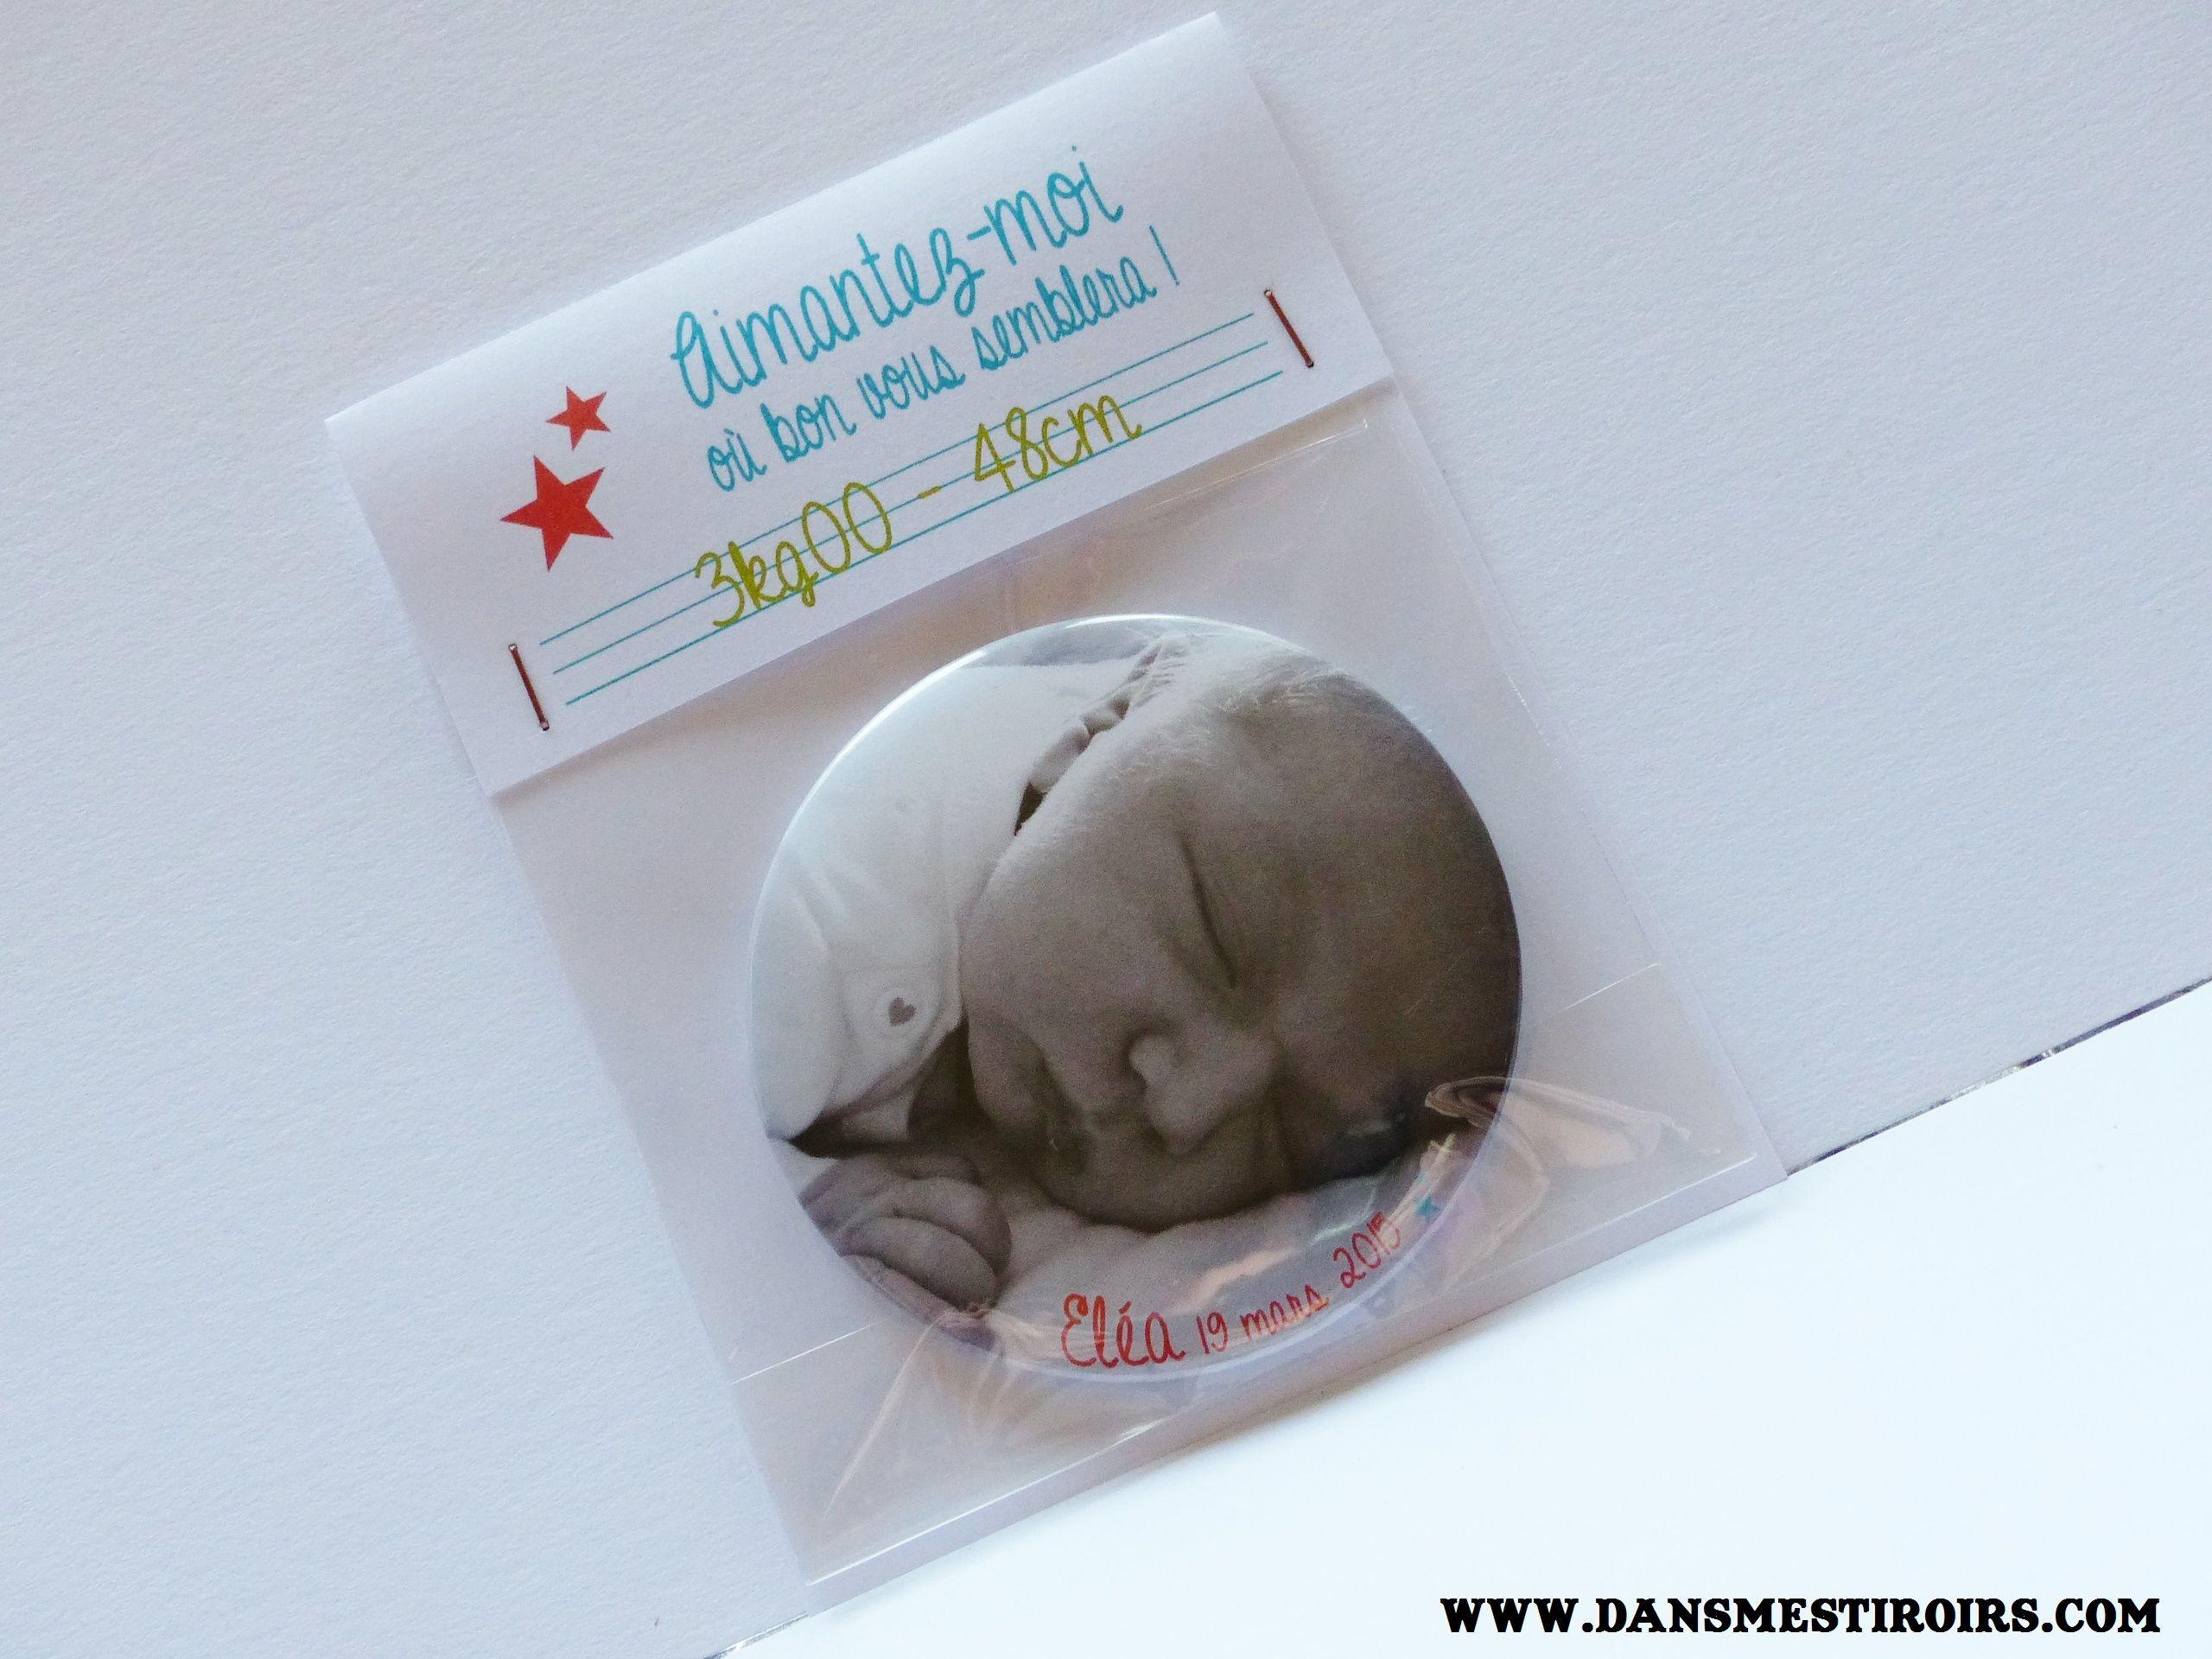 Faire-part de naissance original Magnet photo bébé fait par www.dansmestiroris.com